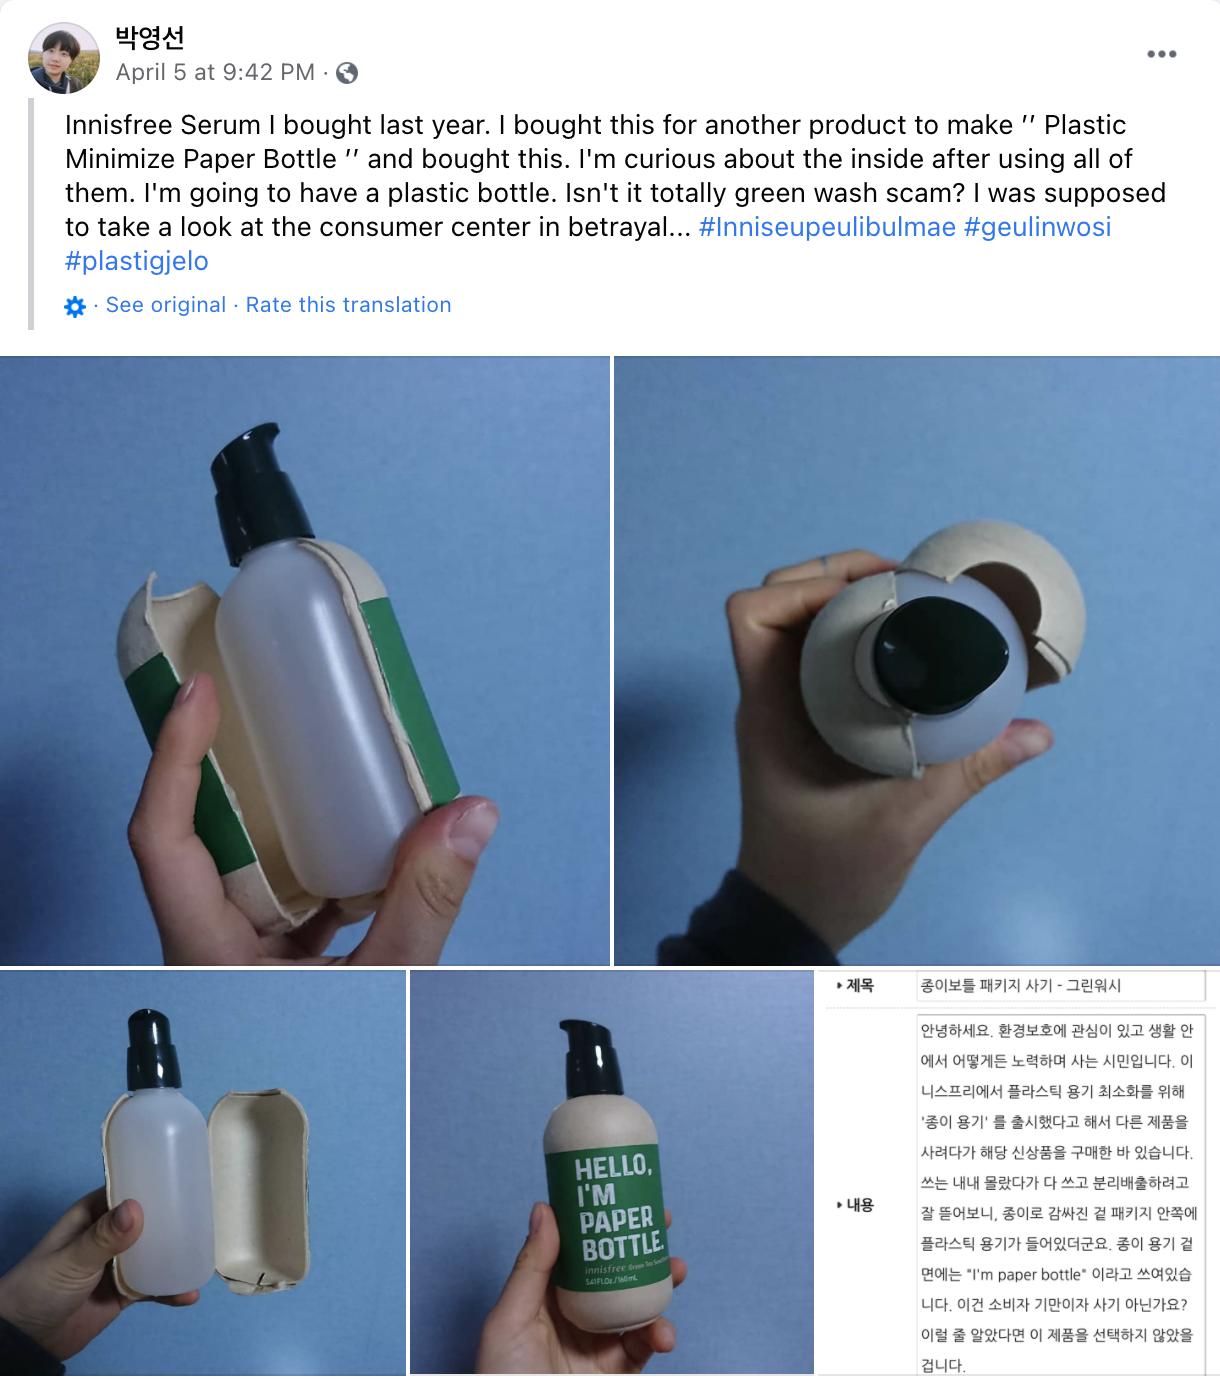 Kemasan Botol Kertas Produk Kencatikan Bikin Heboh! Pas Dibongkar Ternyata Masih Plastik